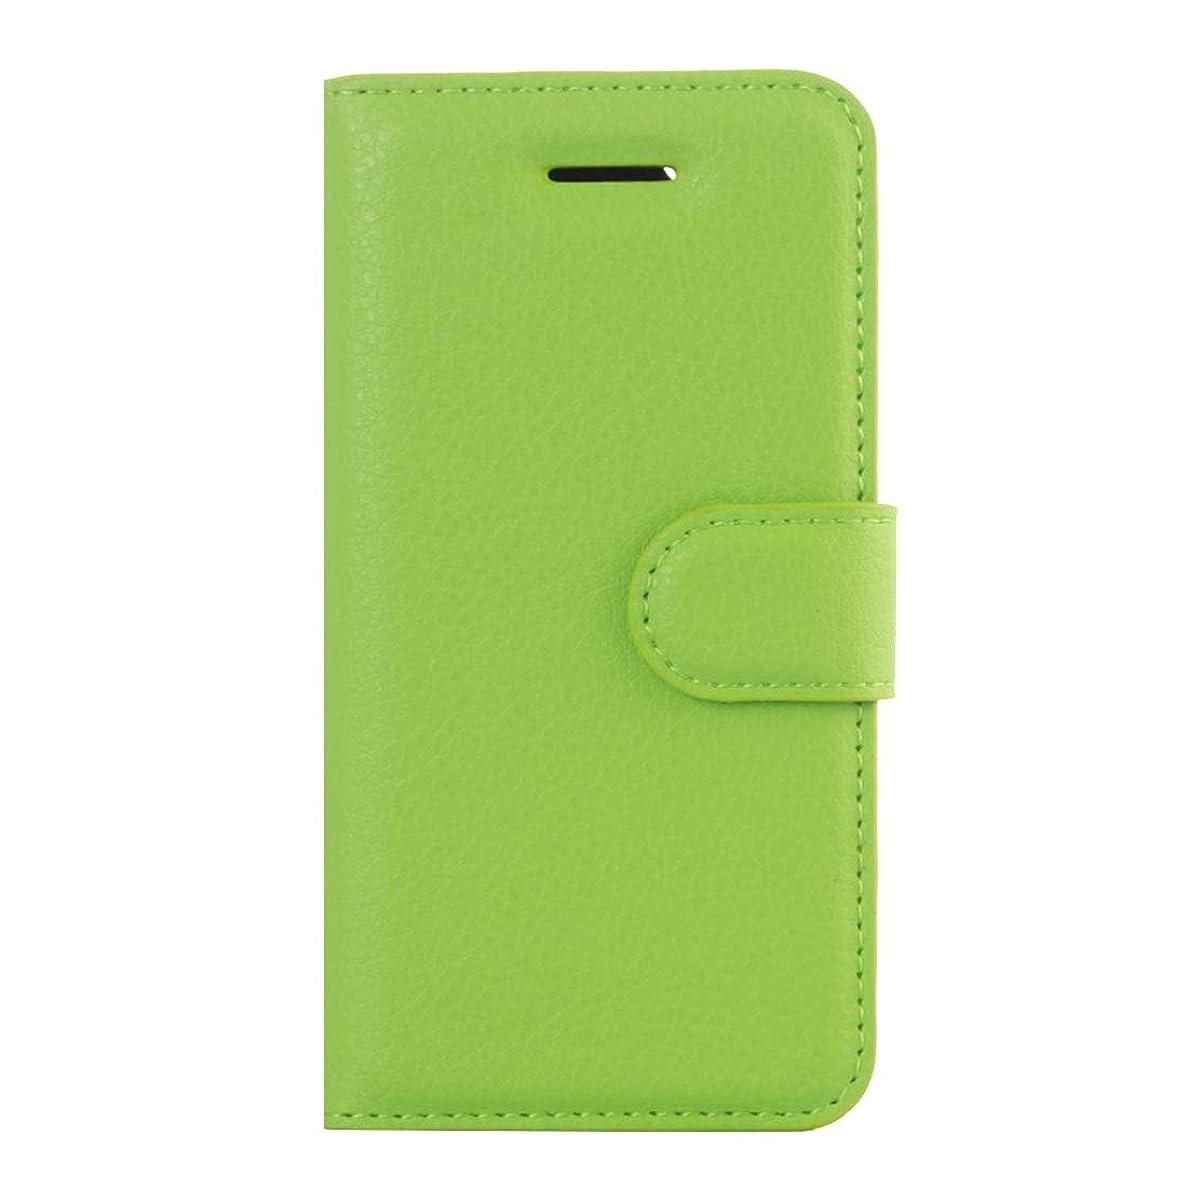 蓄積する夕暮れ自信があるIPhone 5&5s&SE Litchi Texture水平フリップレザーケースホルダー&カードスロット&ウォレット(ブラック)に最適 Yikaja (色 : Green)